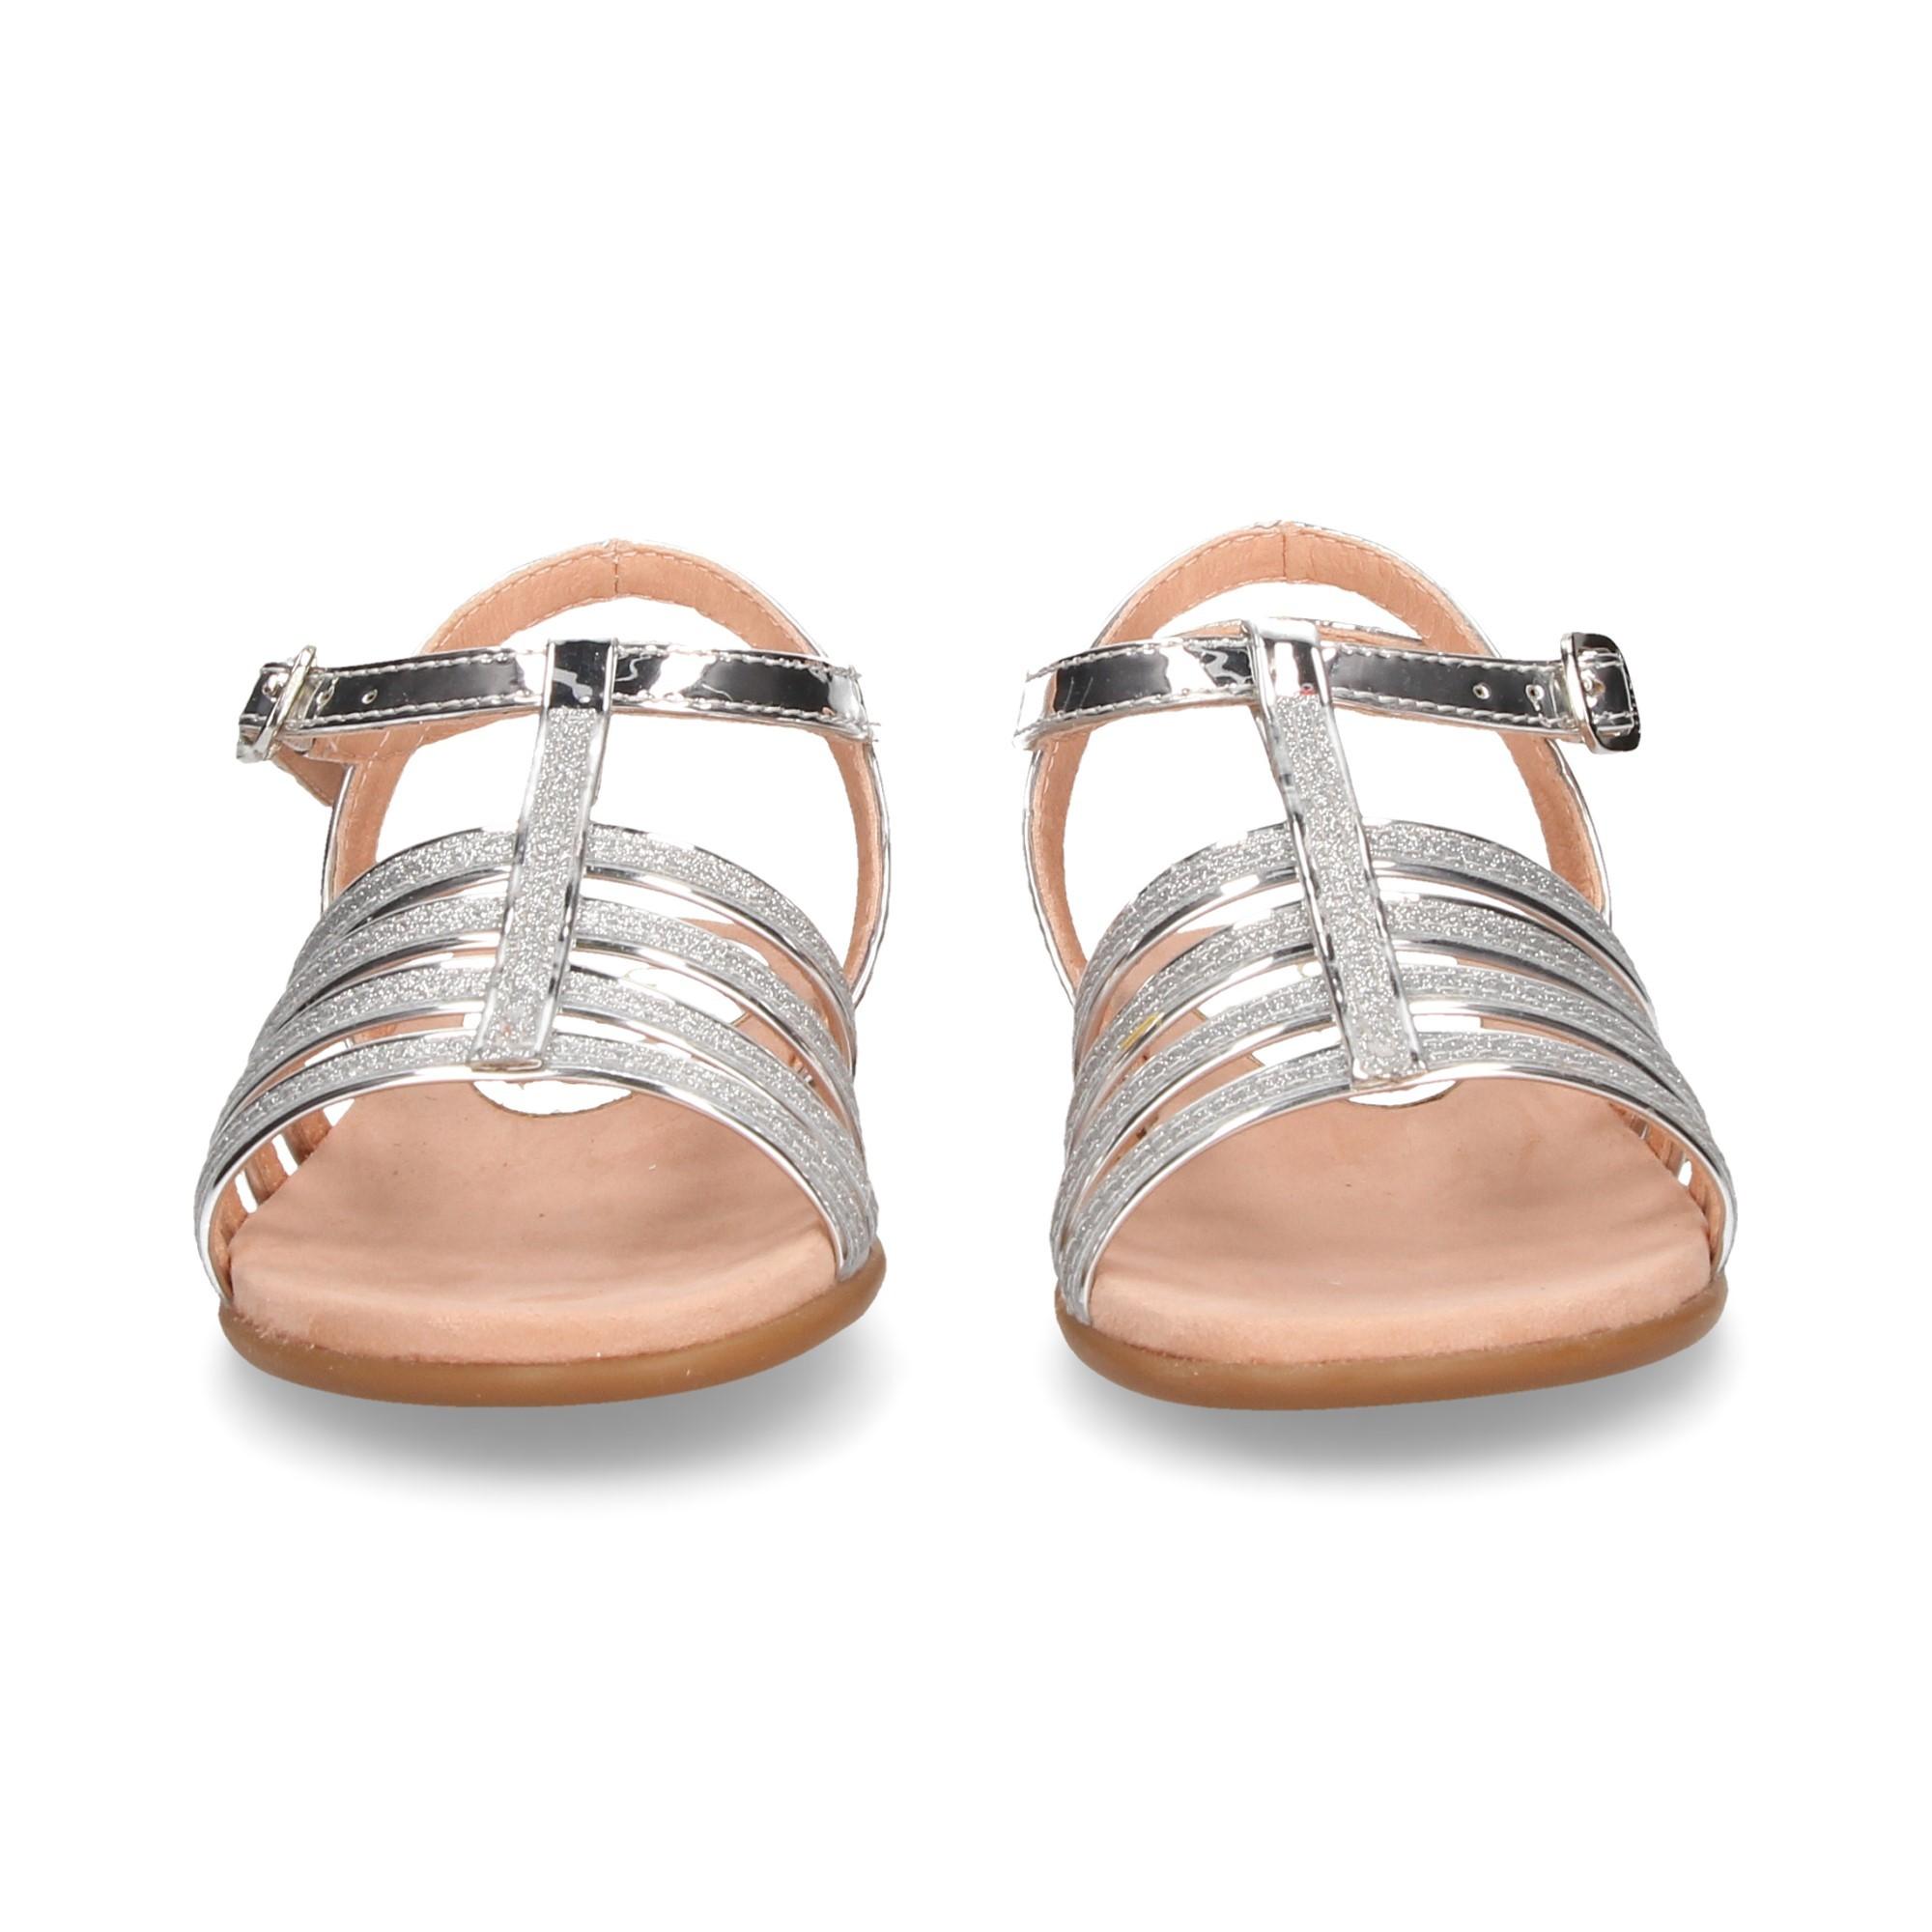 sandalia-tiras-gliter-espejo-plata